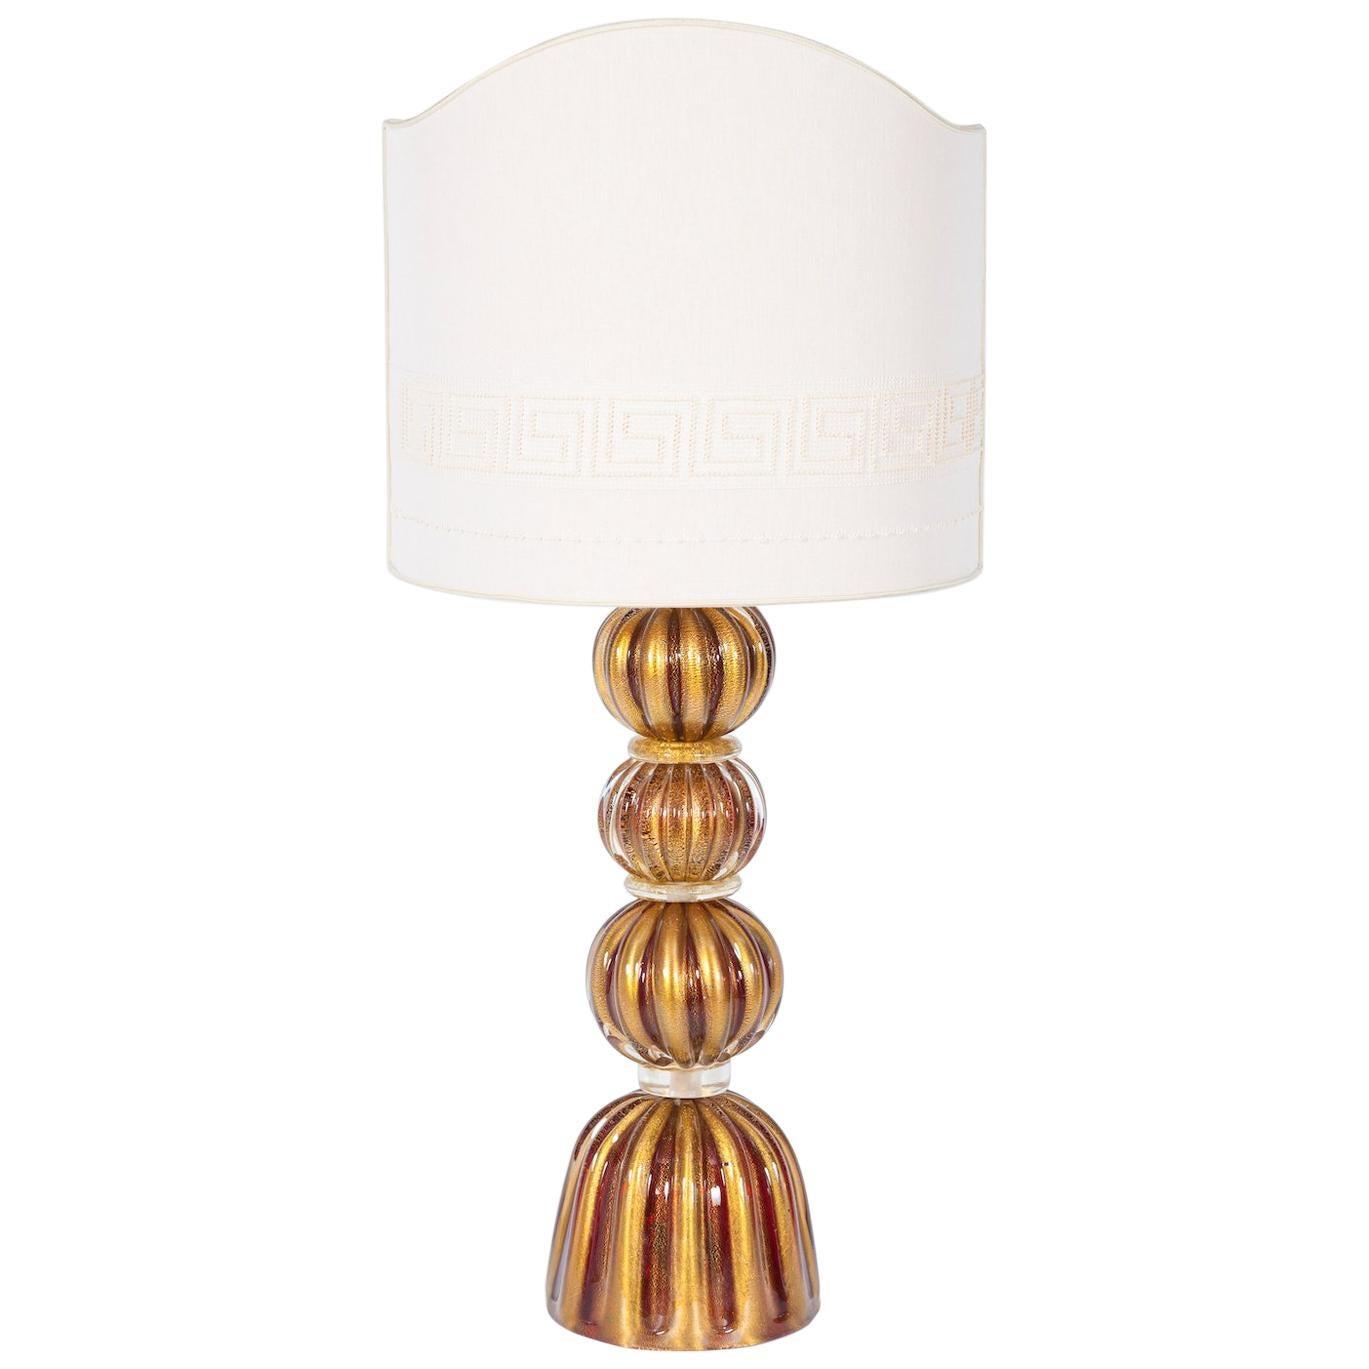 Luxury, Italian Venetian, Table Lamp, blown Murano Glass, Red and Gold 24-Karat